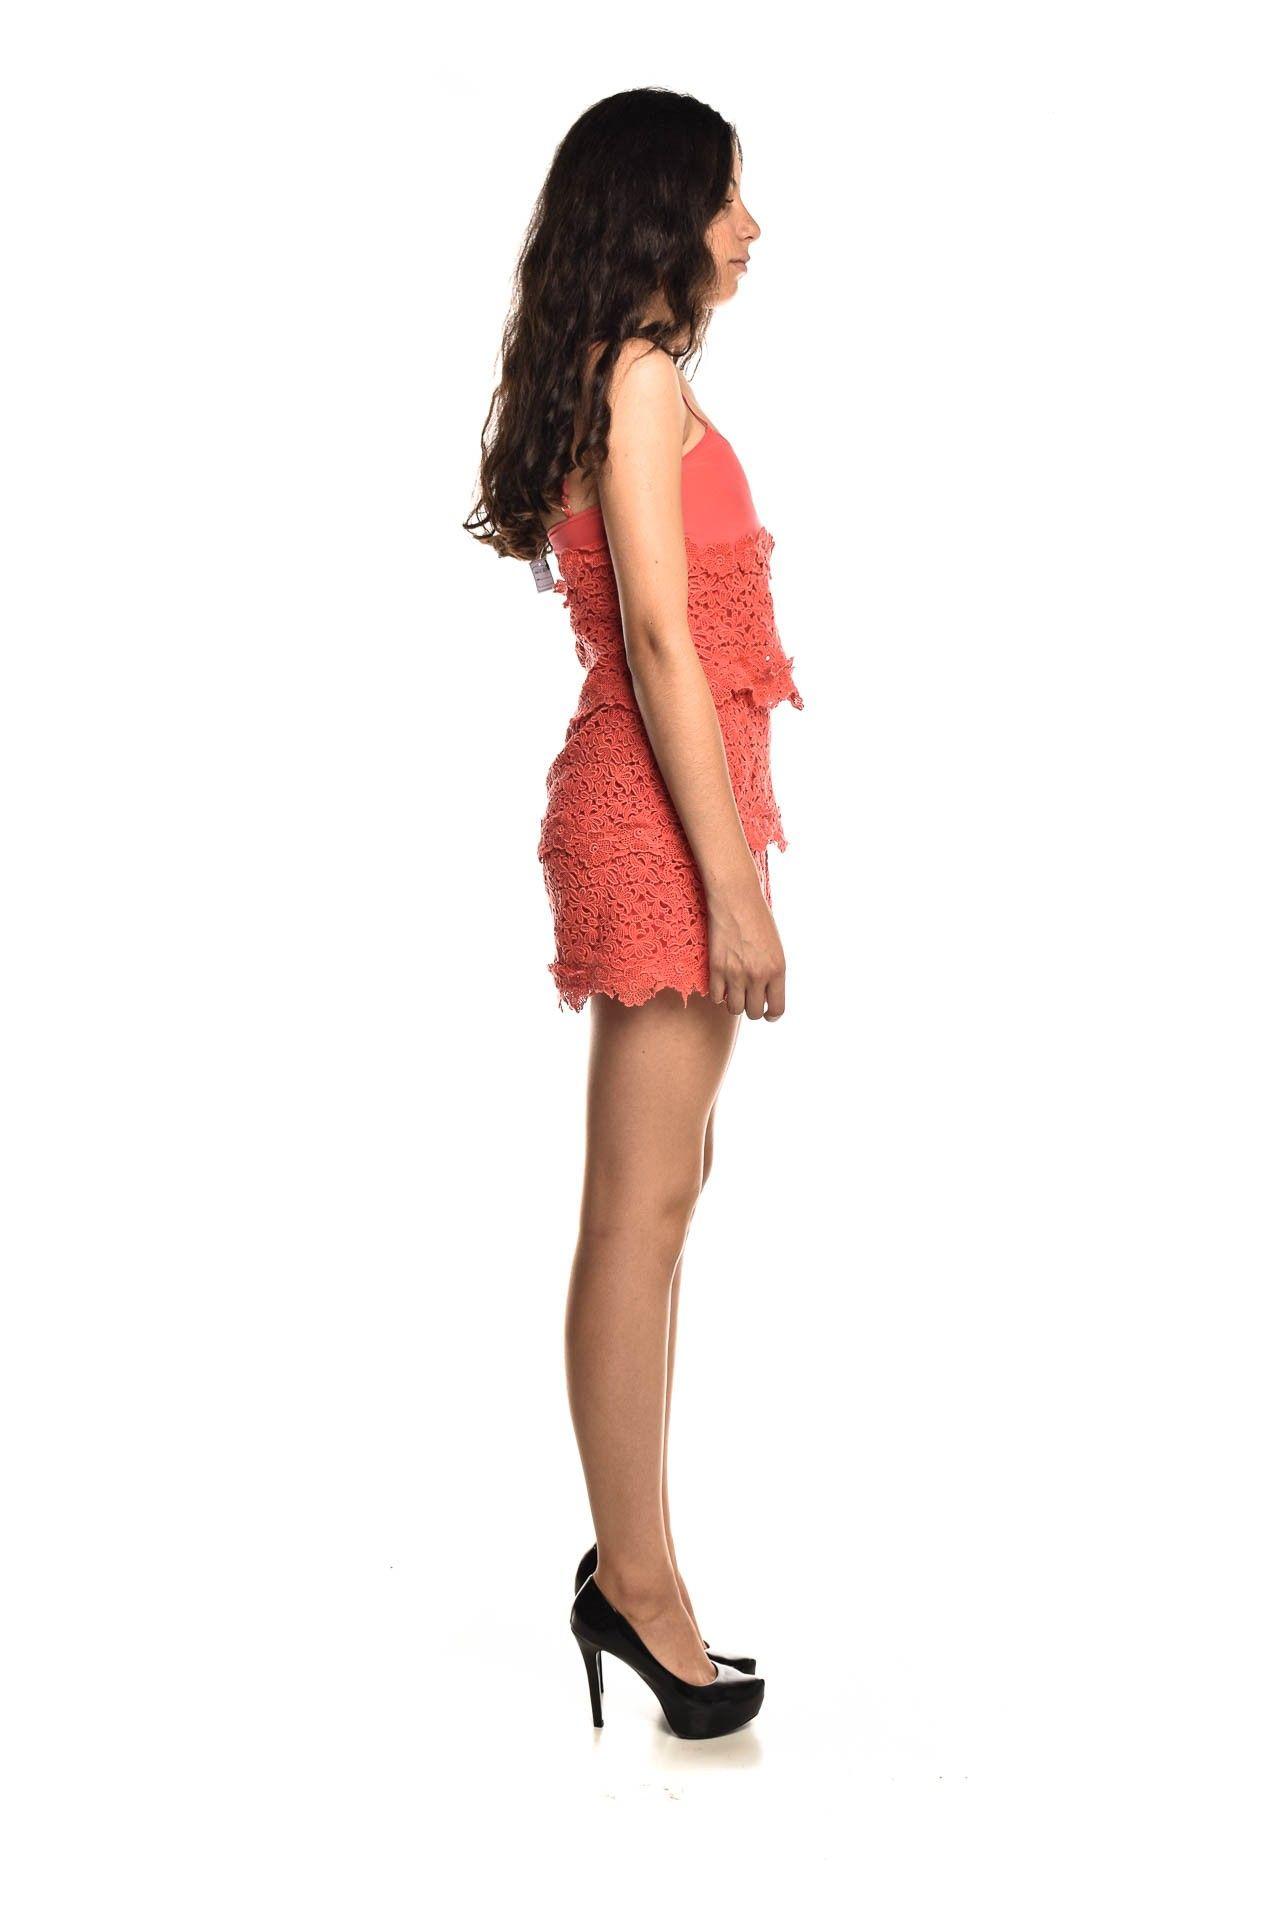 Daslu - Vestido Seda Renda - Foto 3